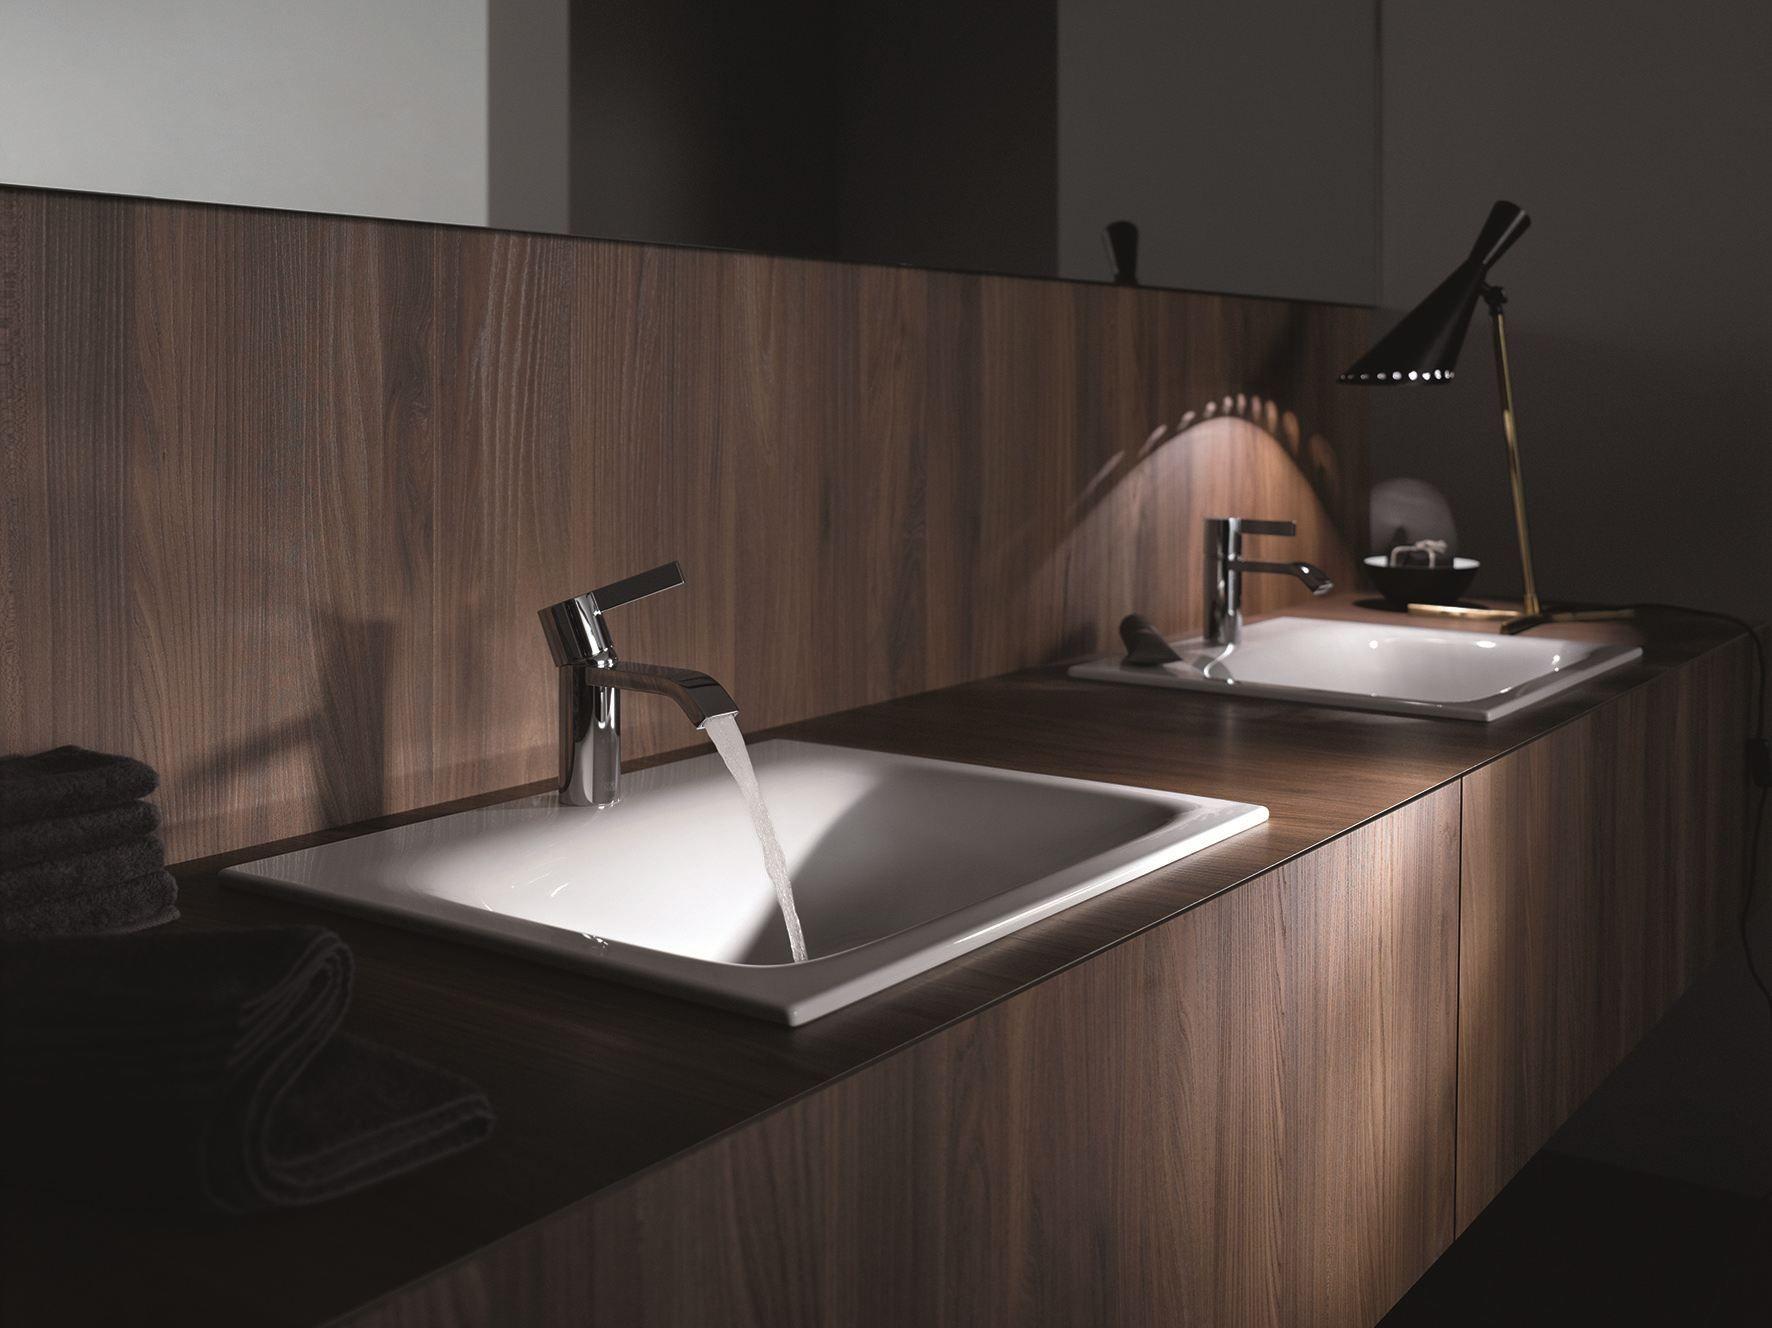 lavabi da incasso soprapiano in metallo | archiproducts - Lavabo Da Incasso Per Bagno